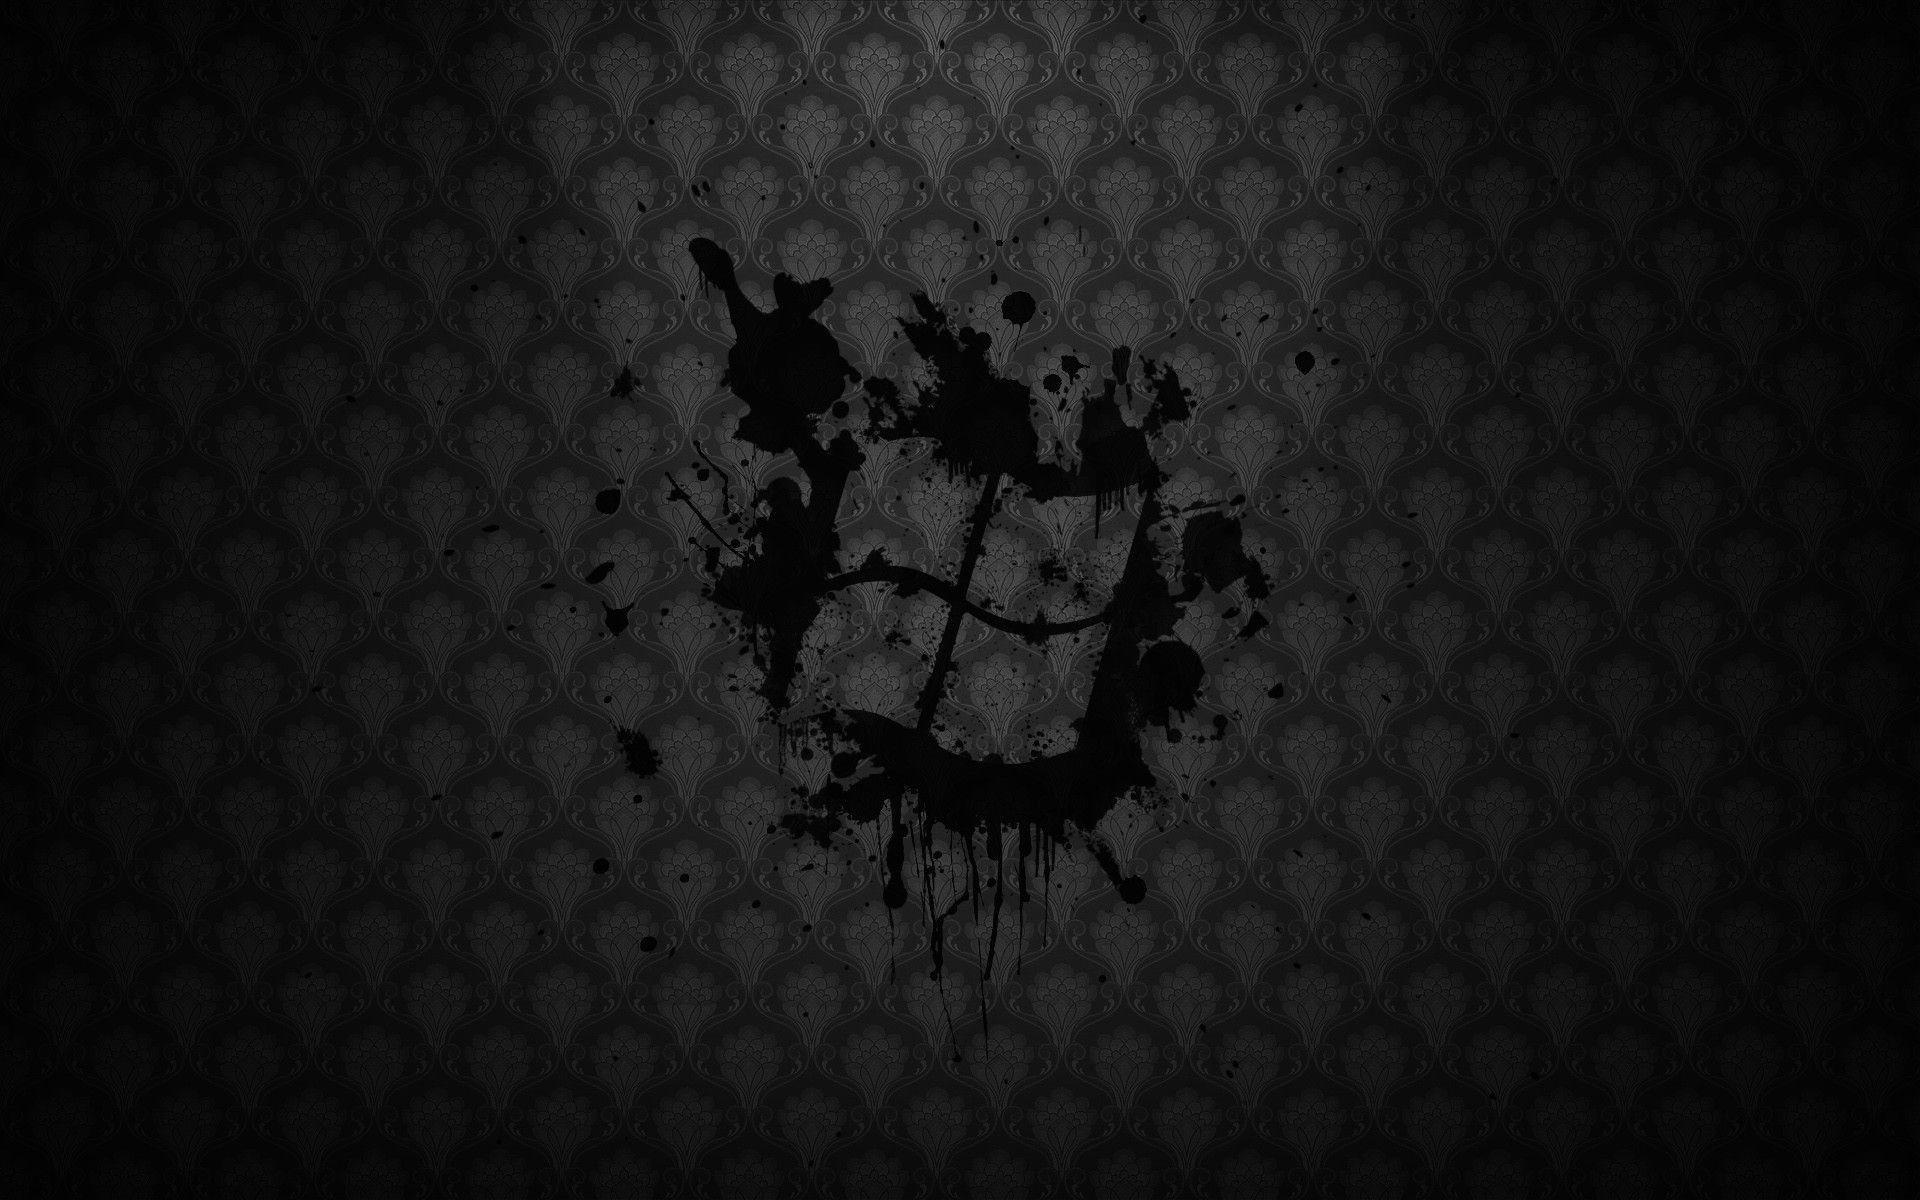 Windows 7 Ultimate Desktop Background 56 Images